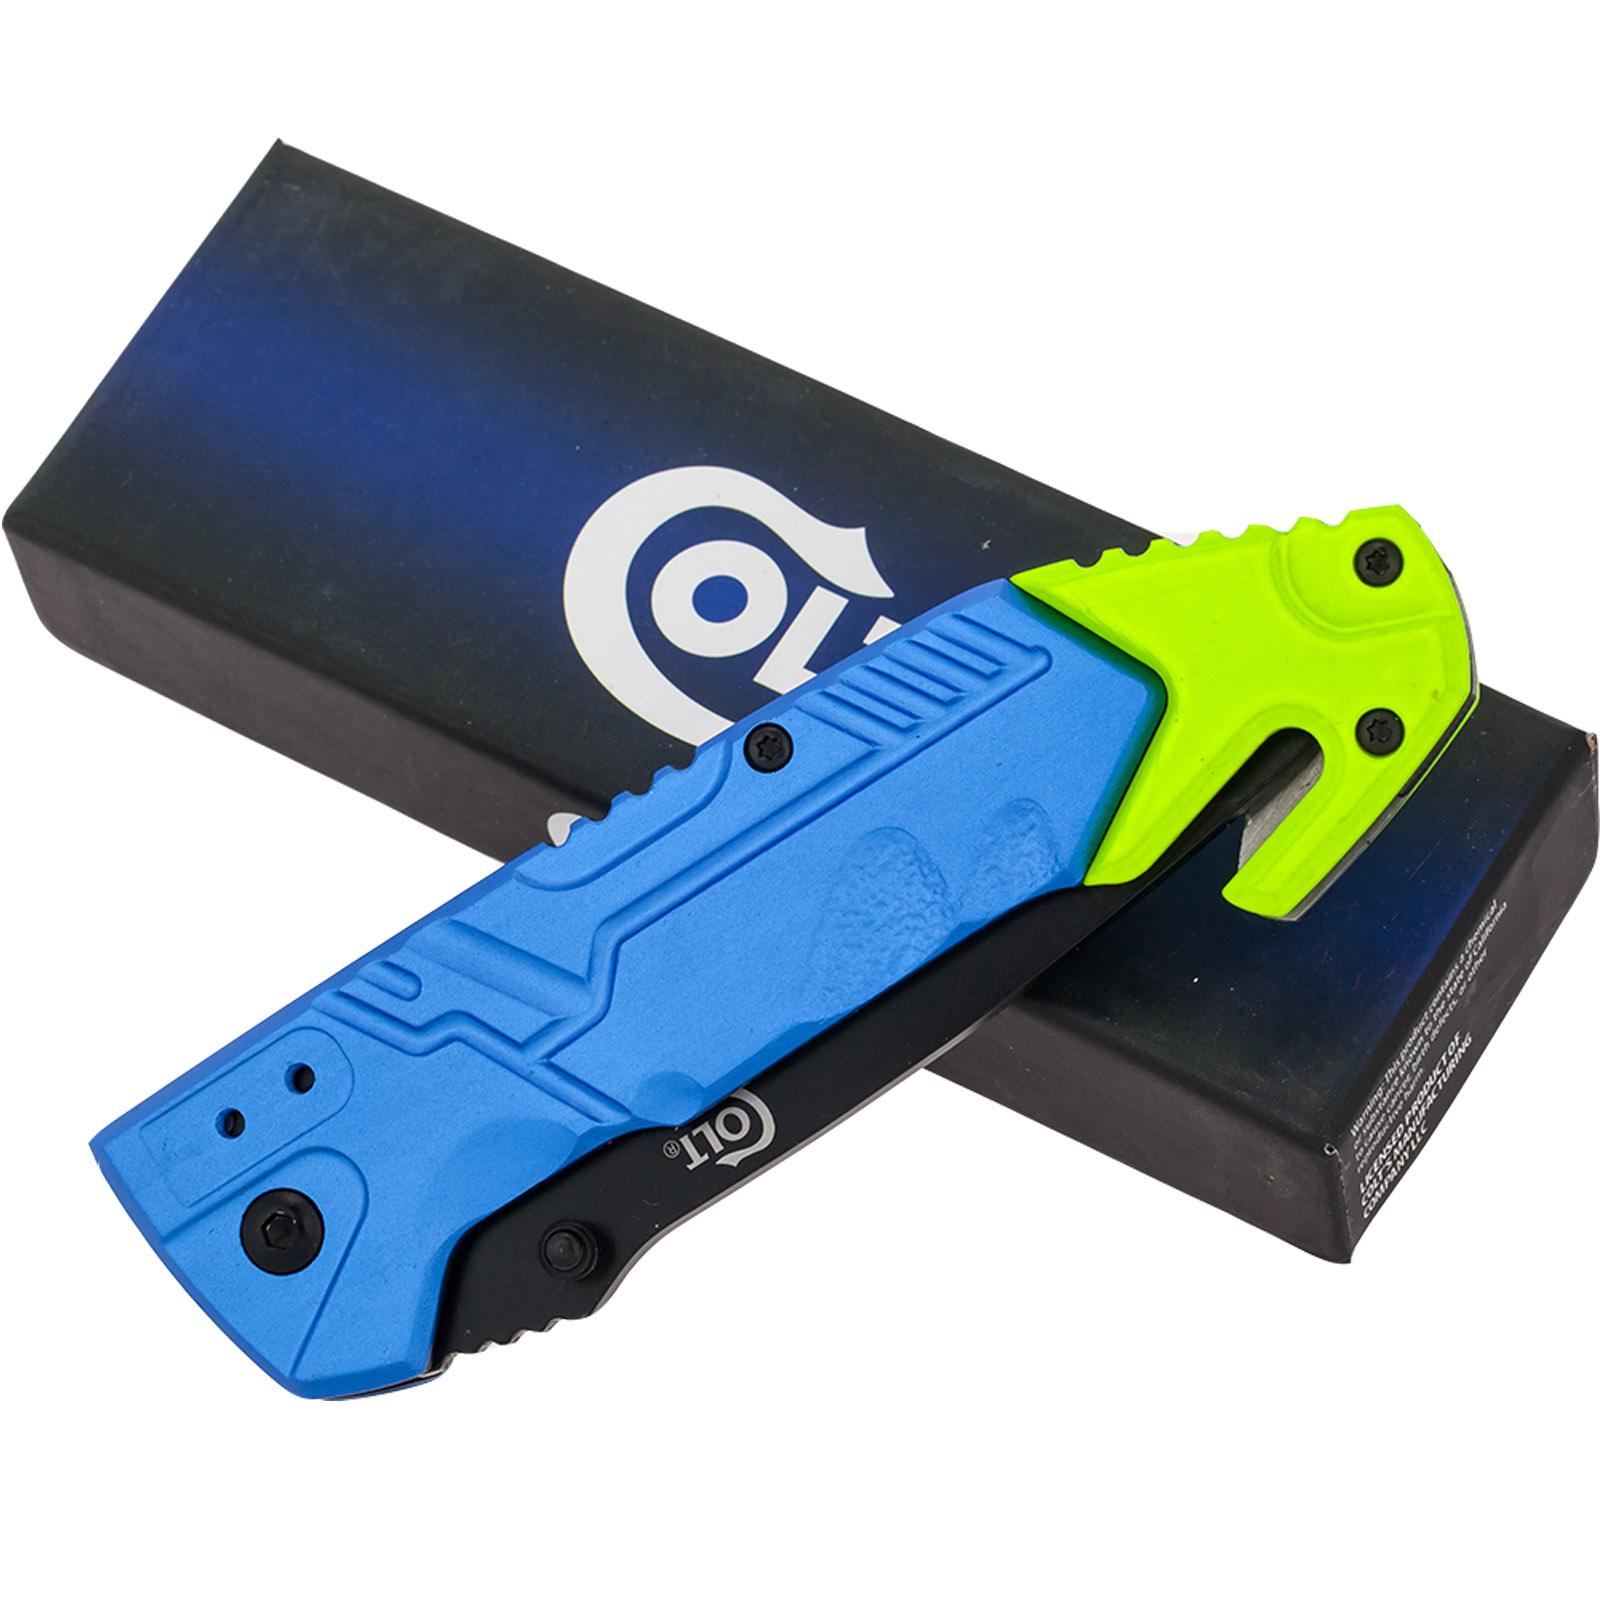 Аварийный складной нож со стеклобоем Colt Rescue Linerlock CT737 (США) - заказать оптом